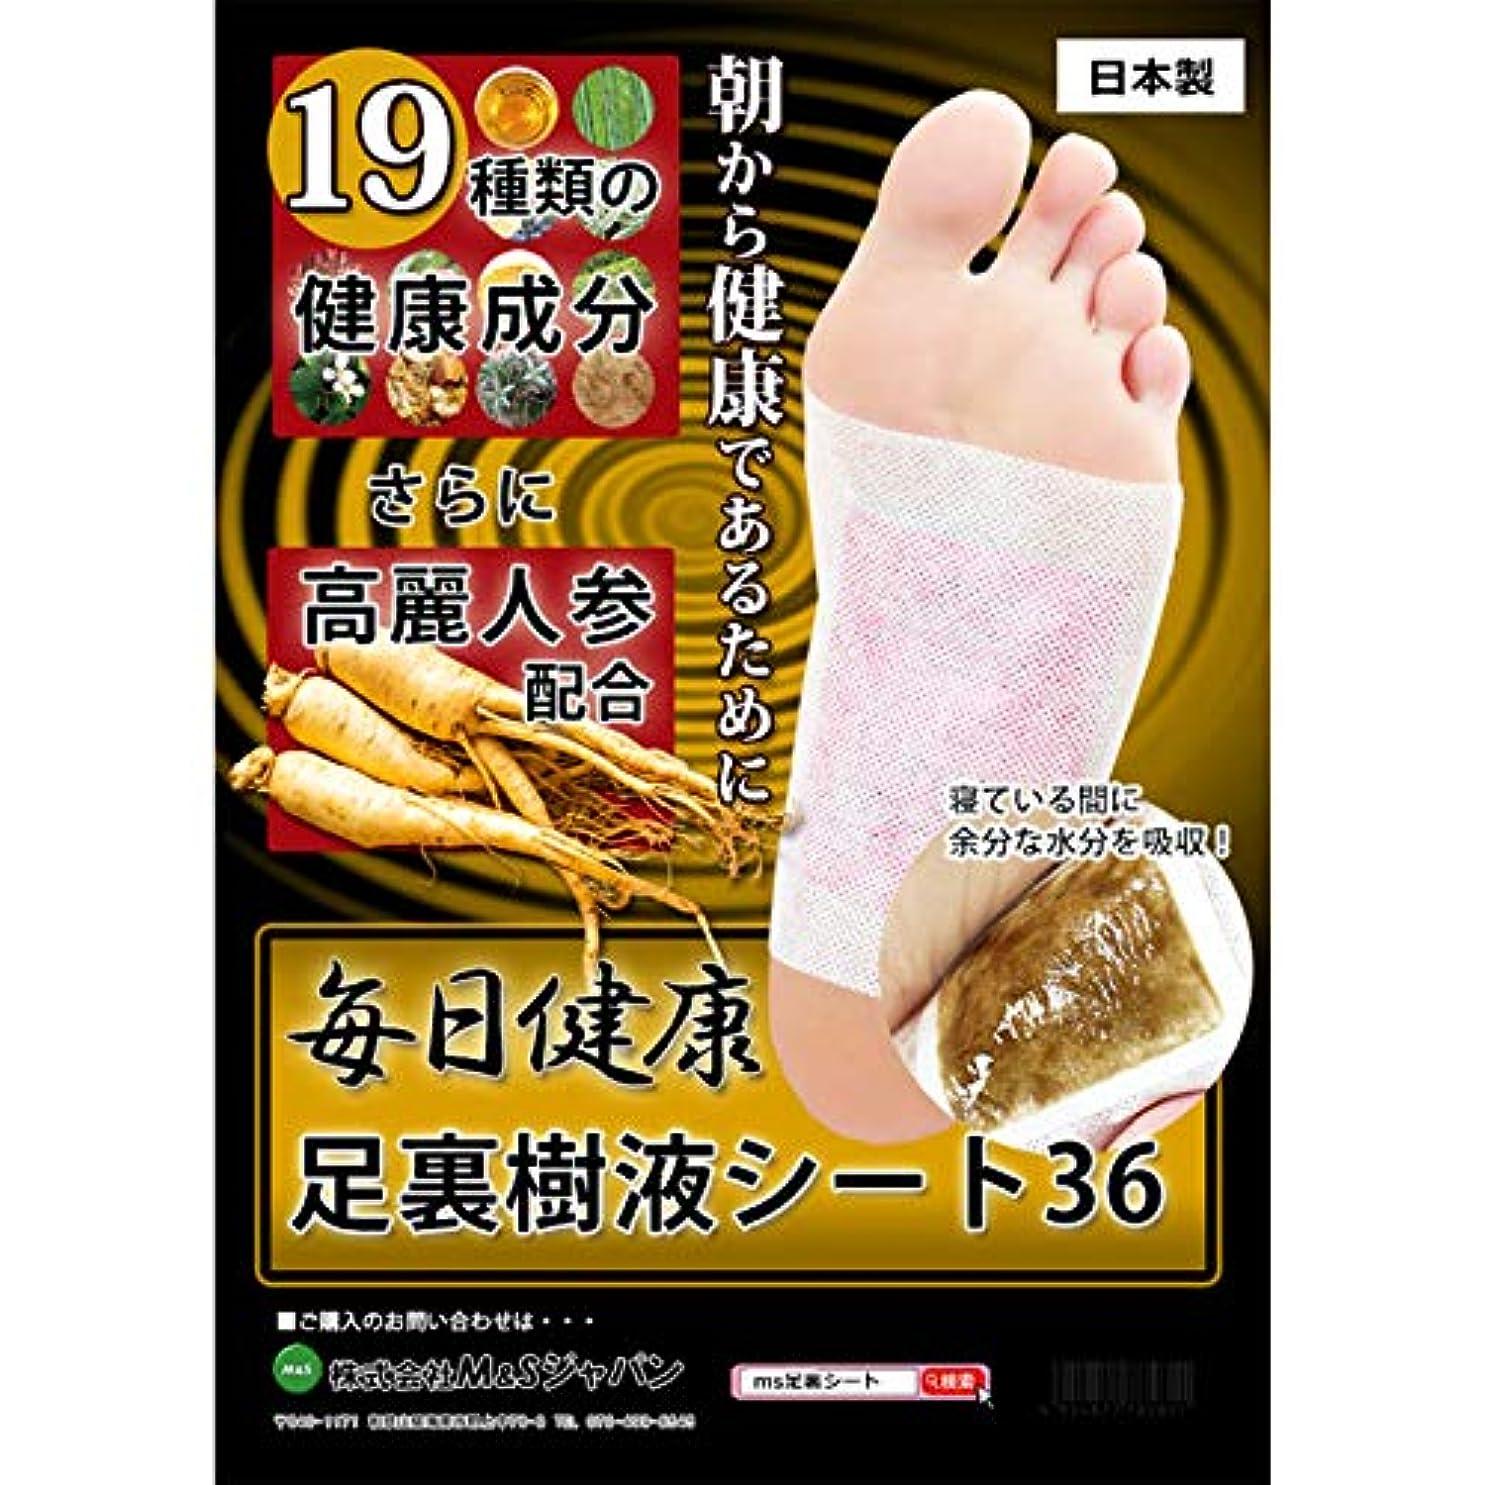 選択する驚かす王位毎日 健康 足裏樹液シート 高麗人参入り+19種類の健康成分 36枚 日本製